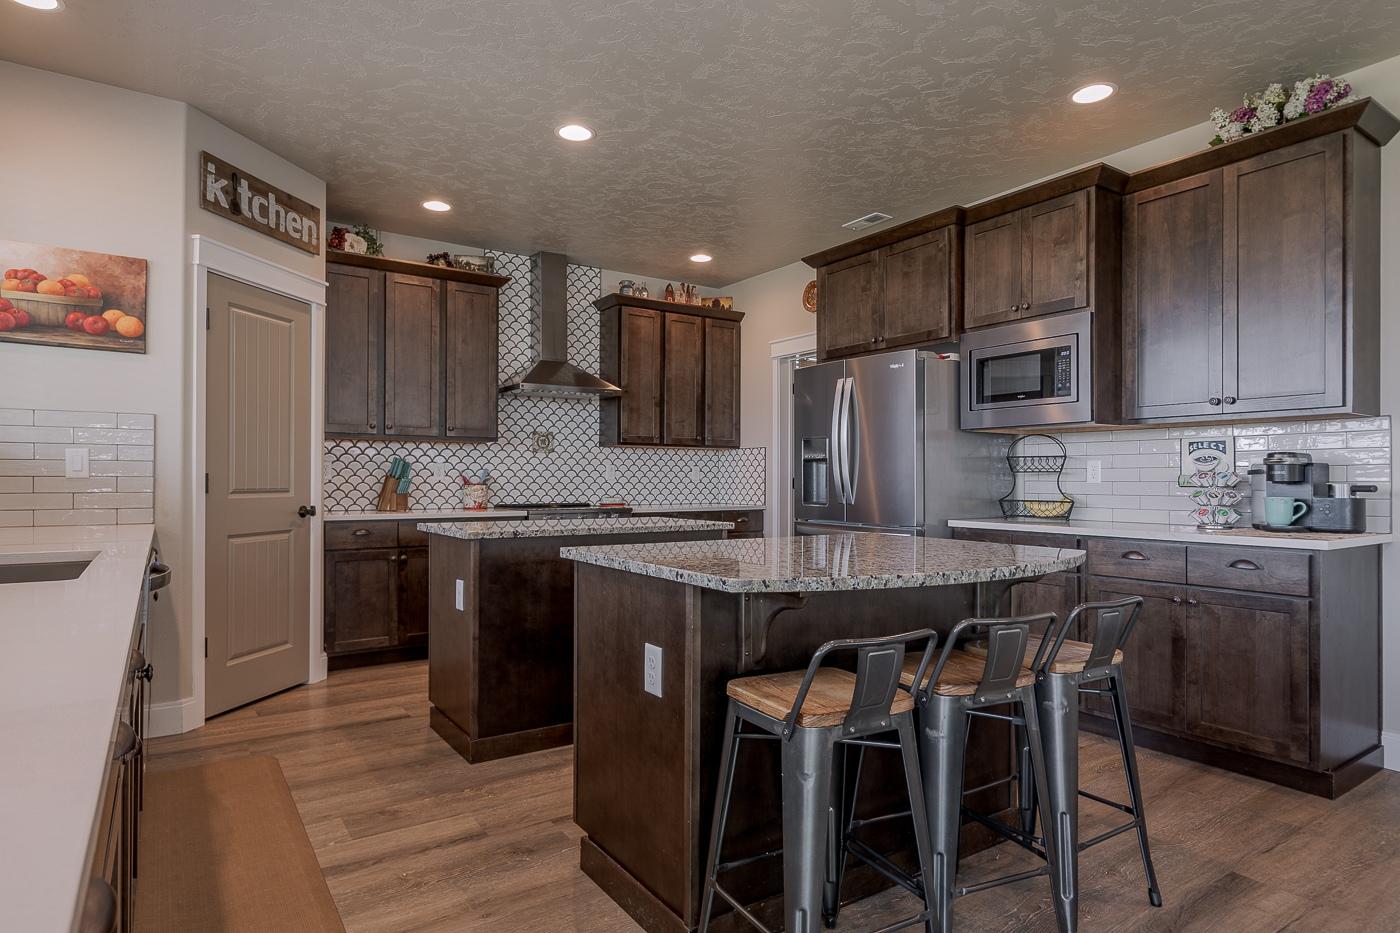 D7-kitchen